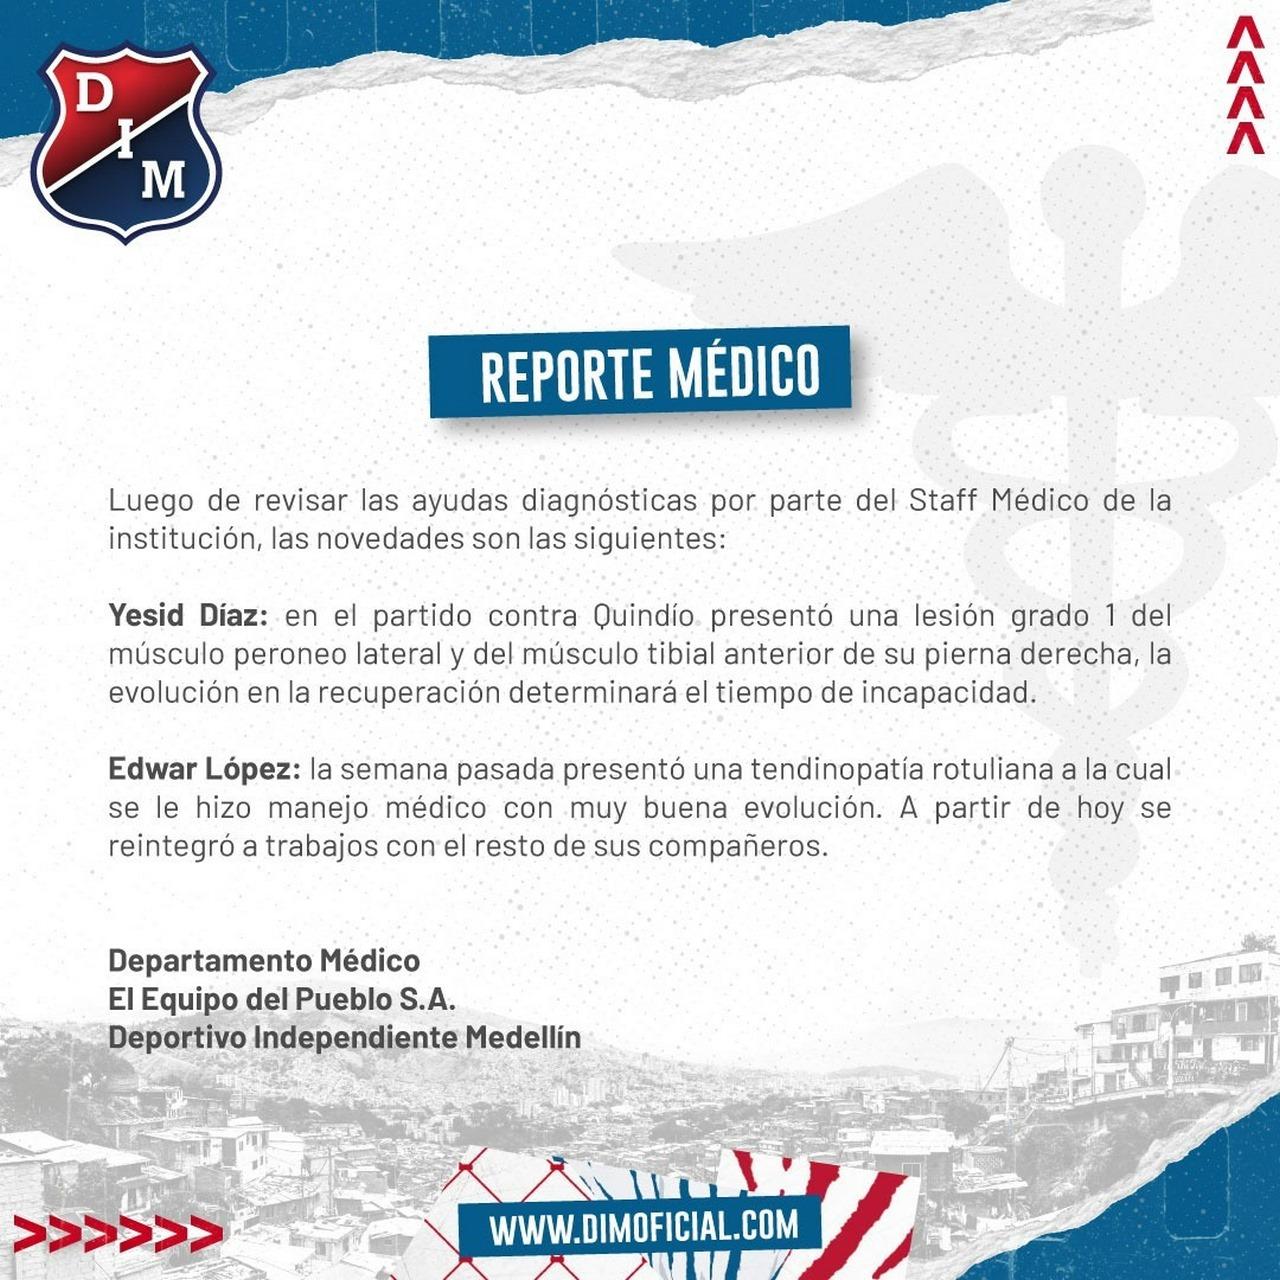 Dos jugadores en departamento medico de Independiente Medellin